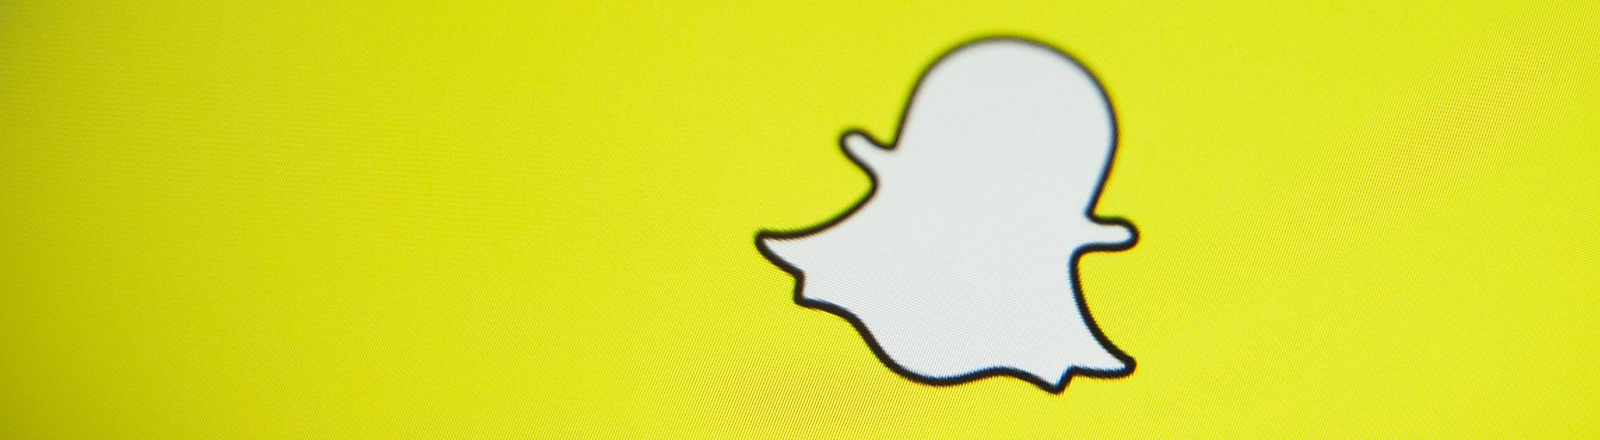 Das Gespenst ist das Logo von Snapchat.